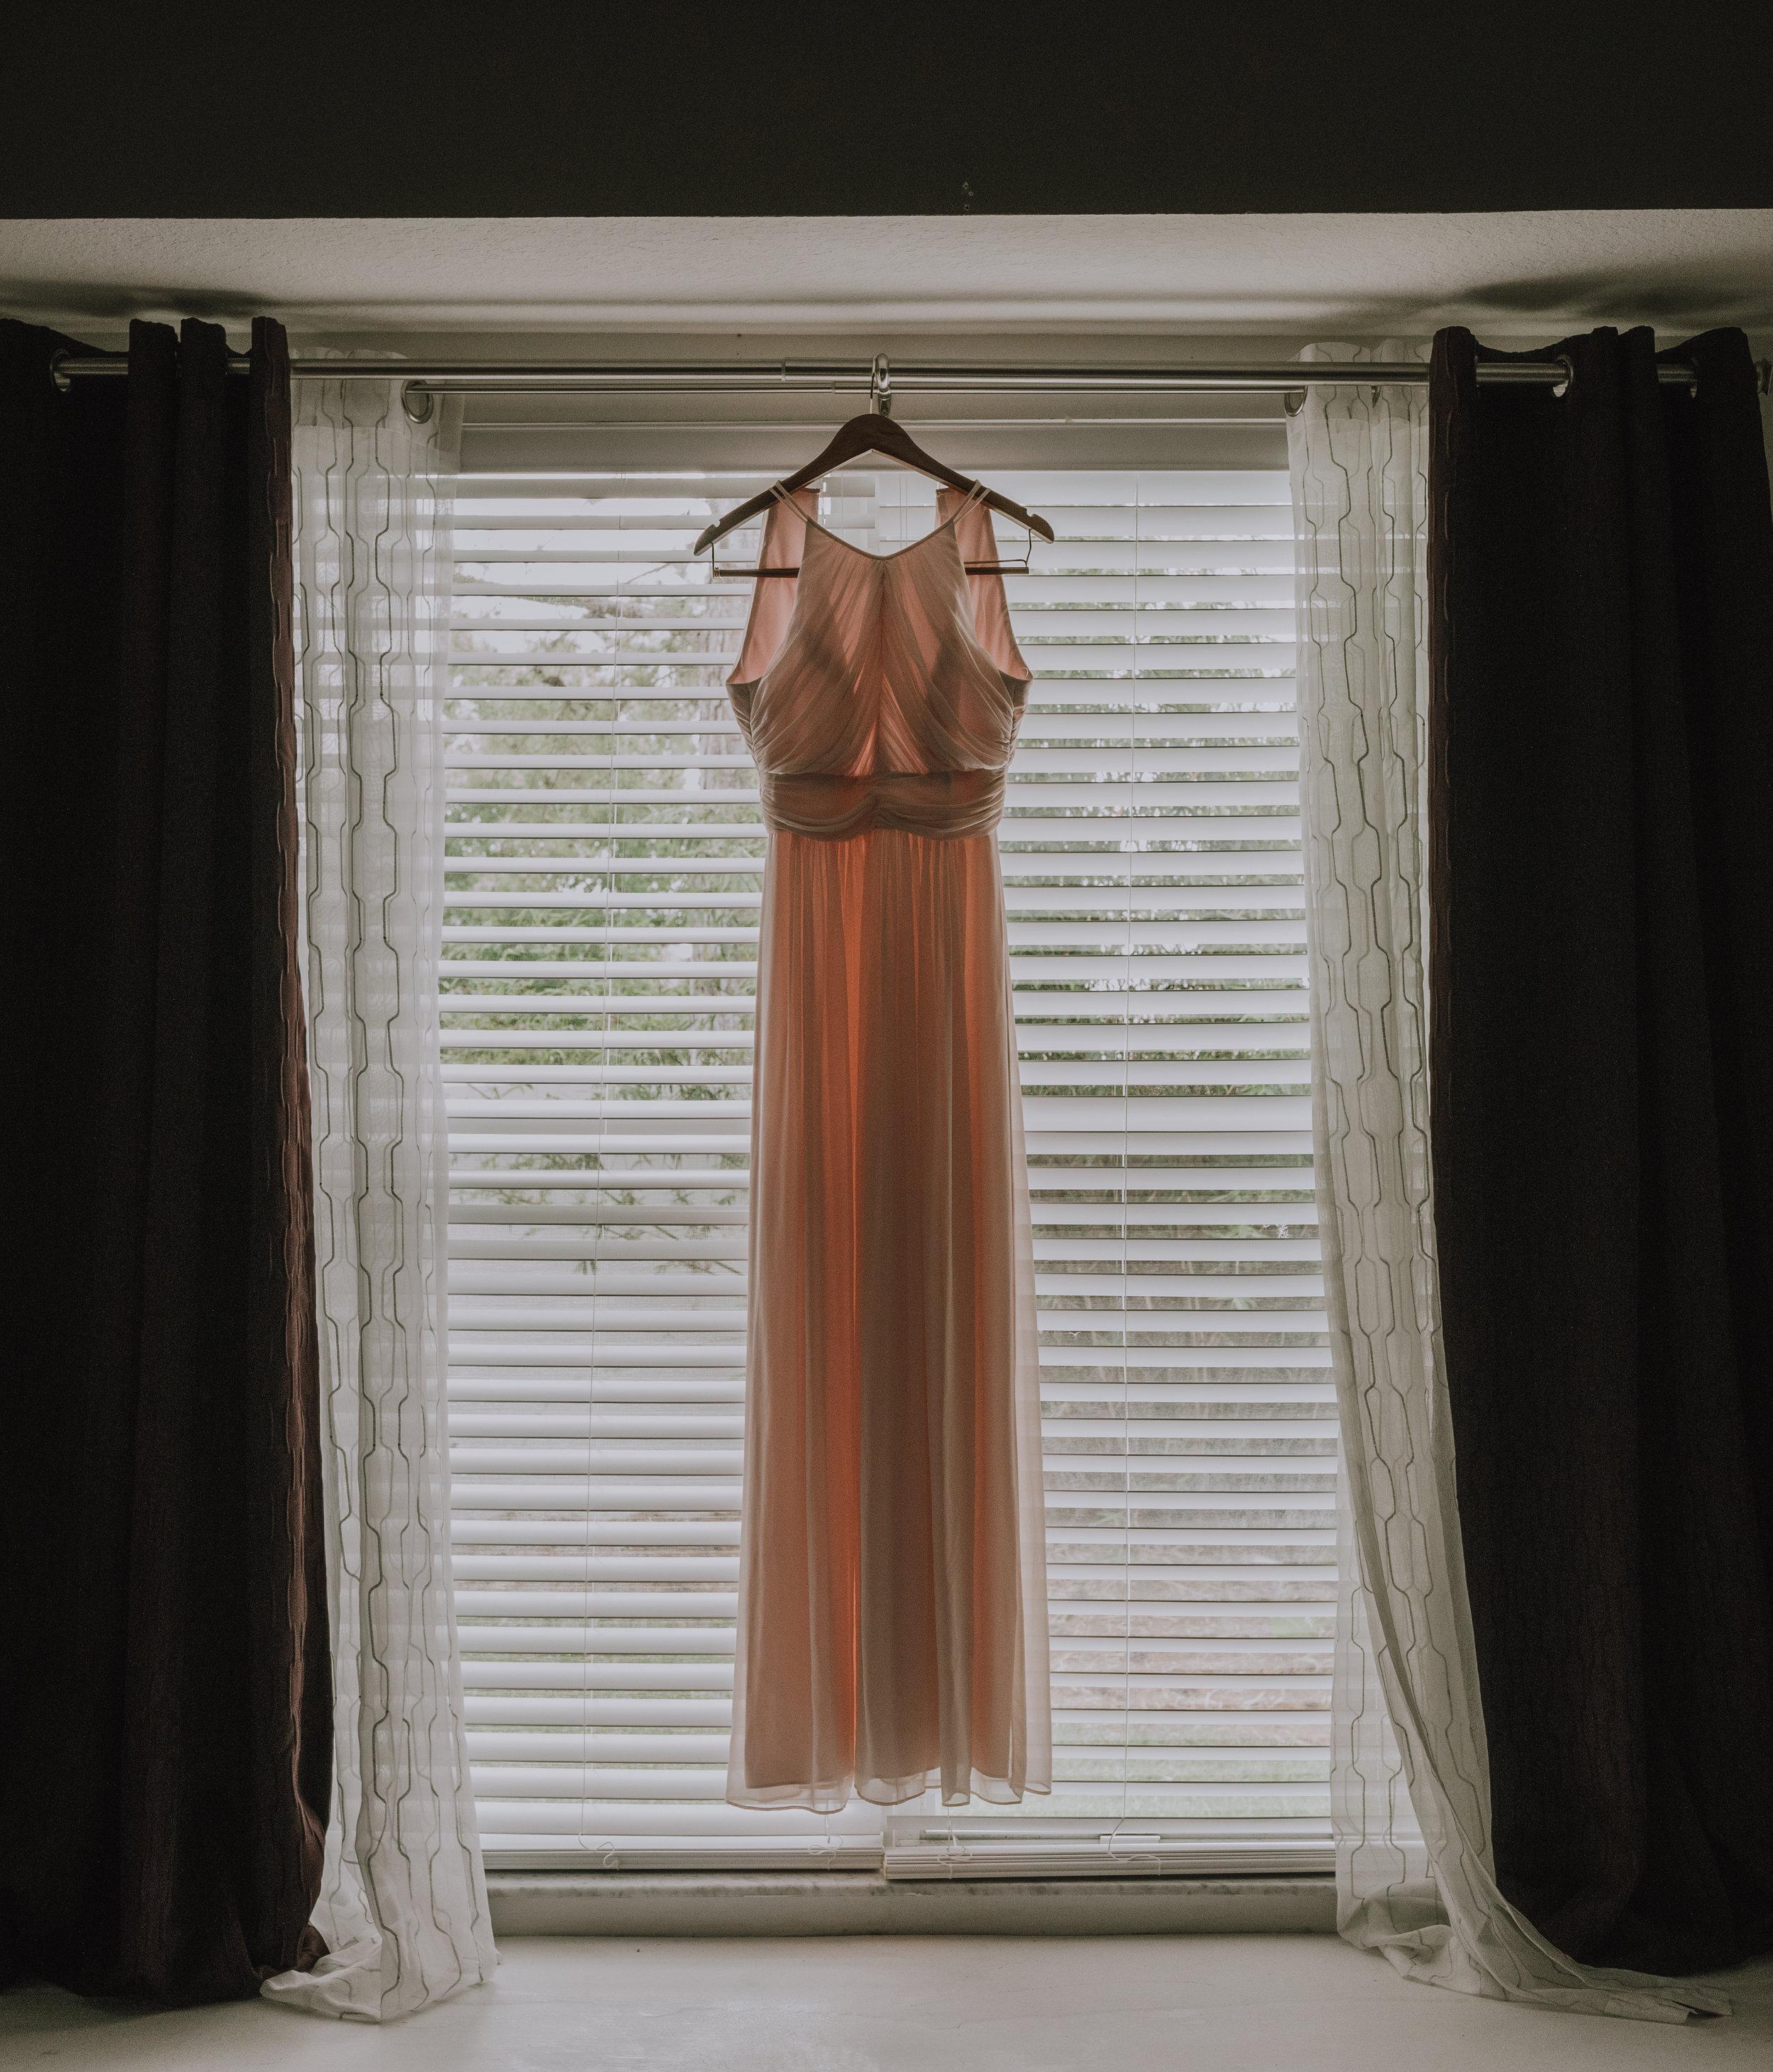 WesleyChapelFlorida-wedding-MelissaandScott-3.jpg